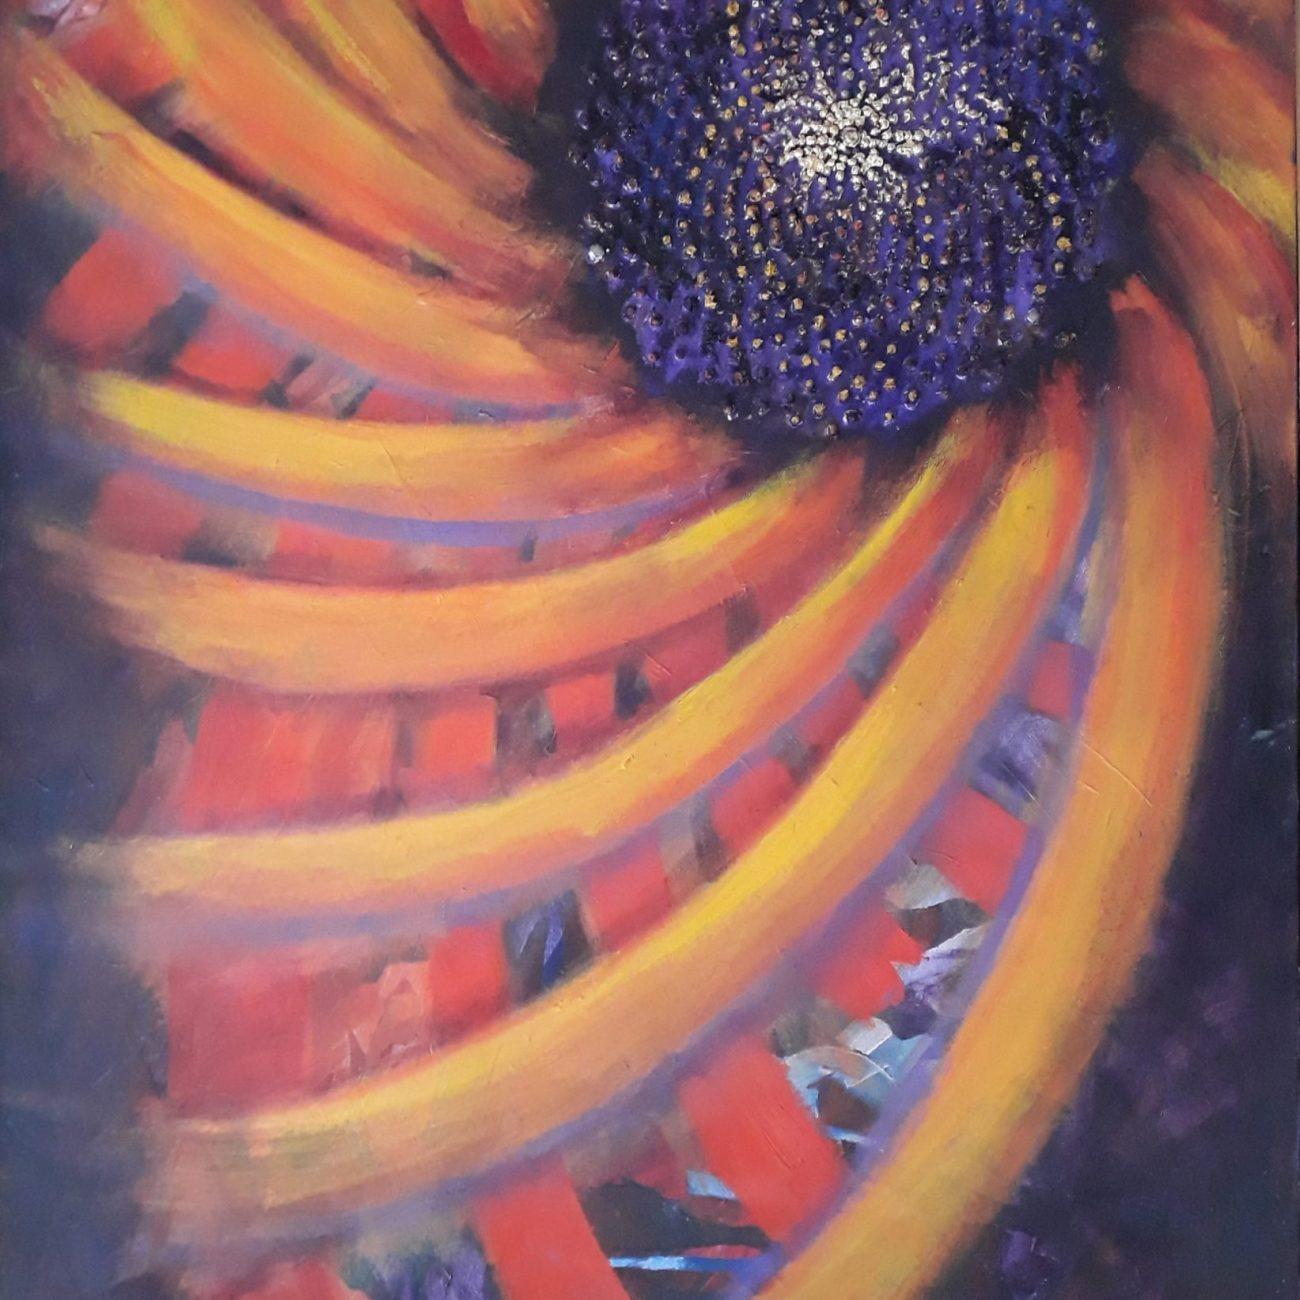 Kozmik Geometri Ayçiçeği  Teknik Tuval Üzeri Yağlı Boya Ölçü:90x140 cm  Fiyat:6000 TL